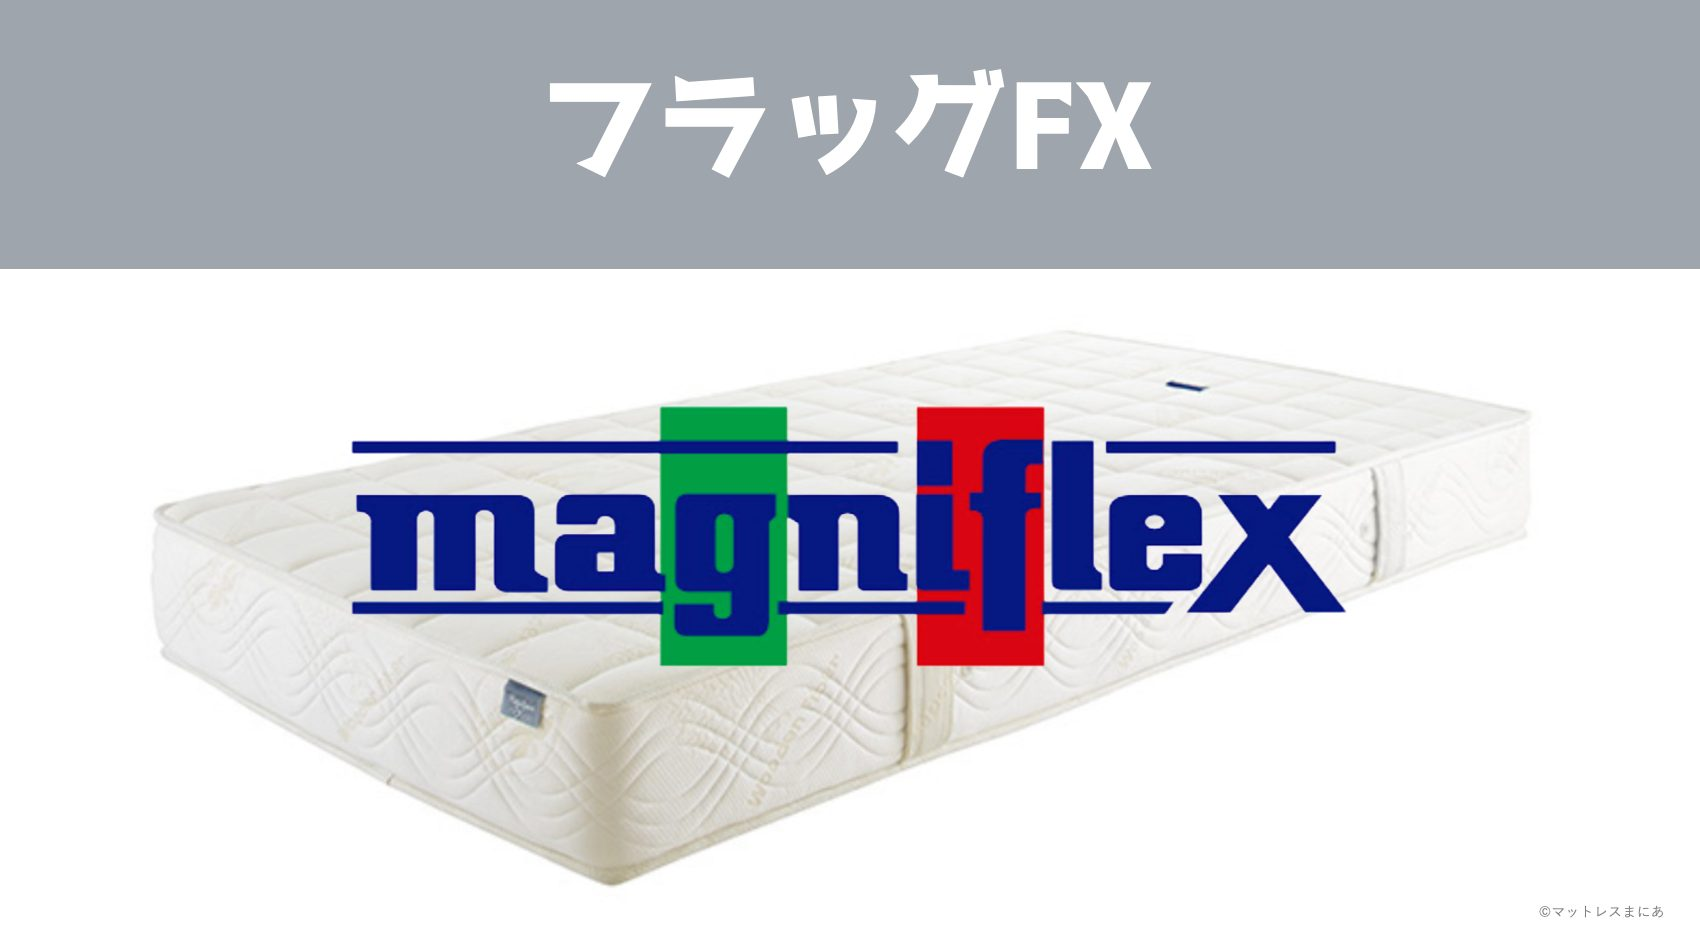 【レビュー14件】マニフレックス「フラッグFX」の口コミ評判!腰痛効果は?